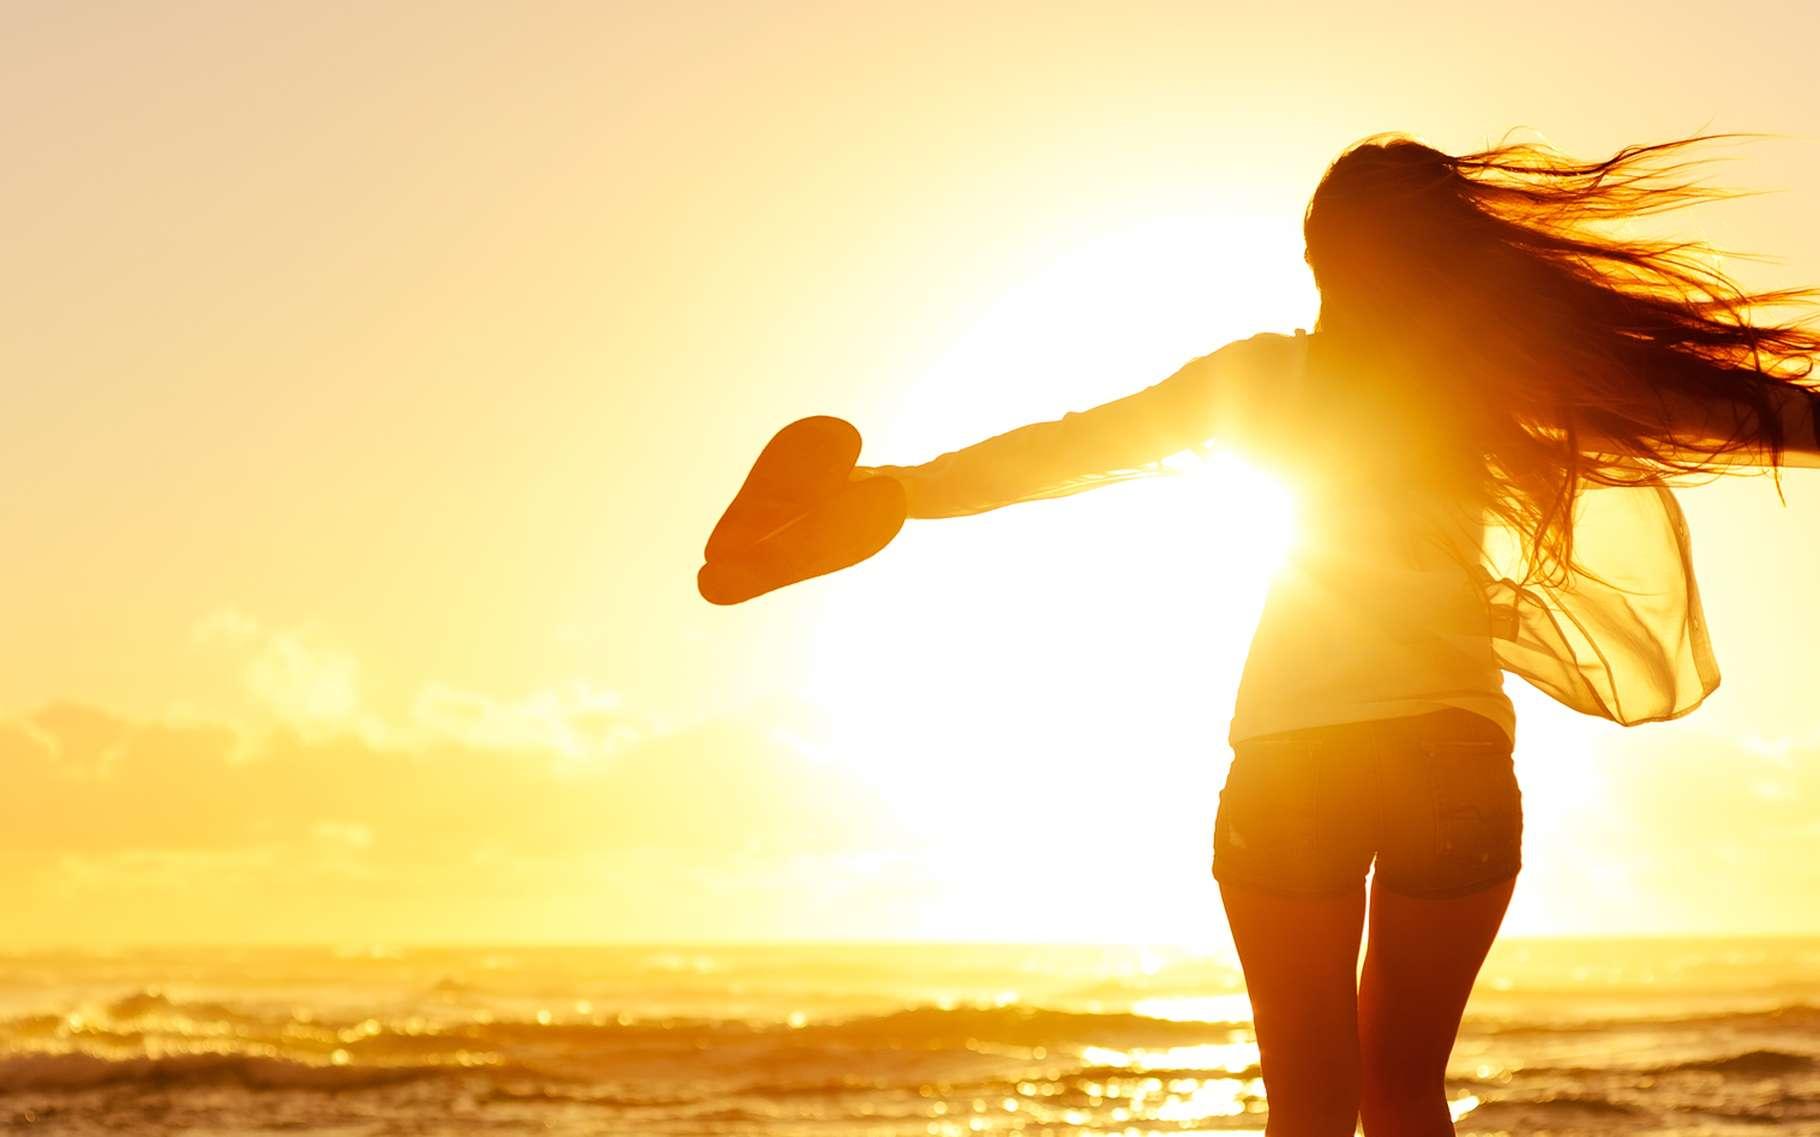 Les textiles anti-UV sont recommandés aux plus sensibles pour se protéger du soleil. © Daxiao Productions, Shutterstock